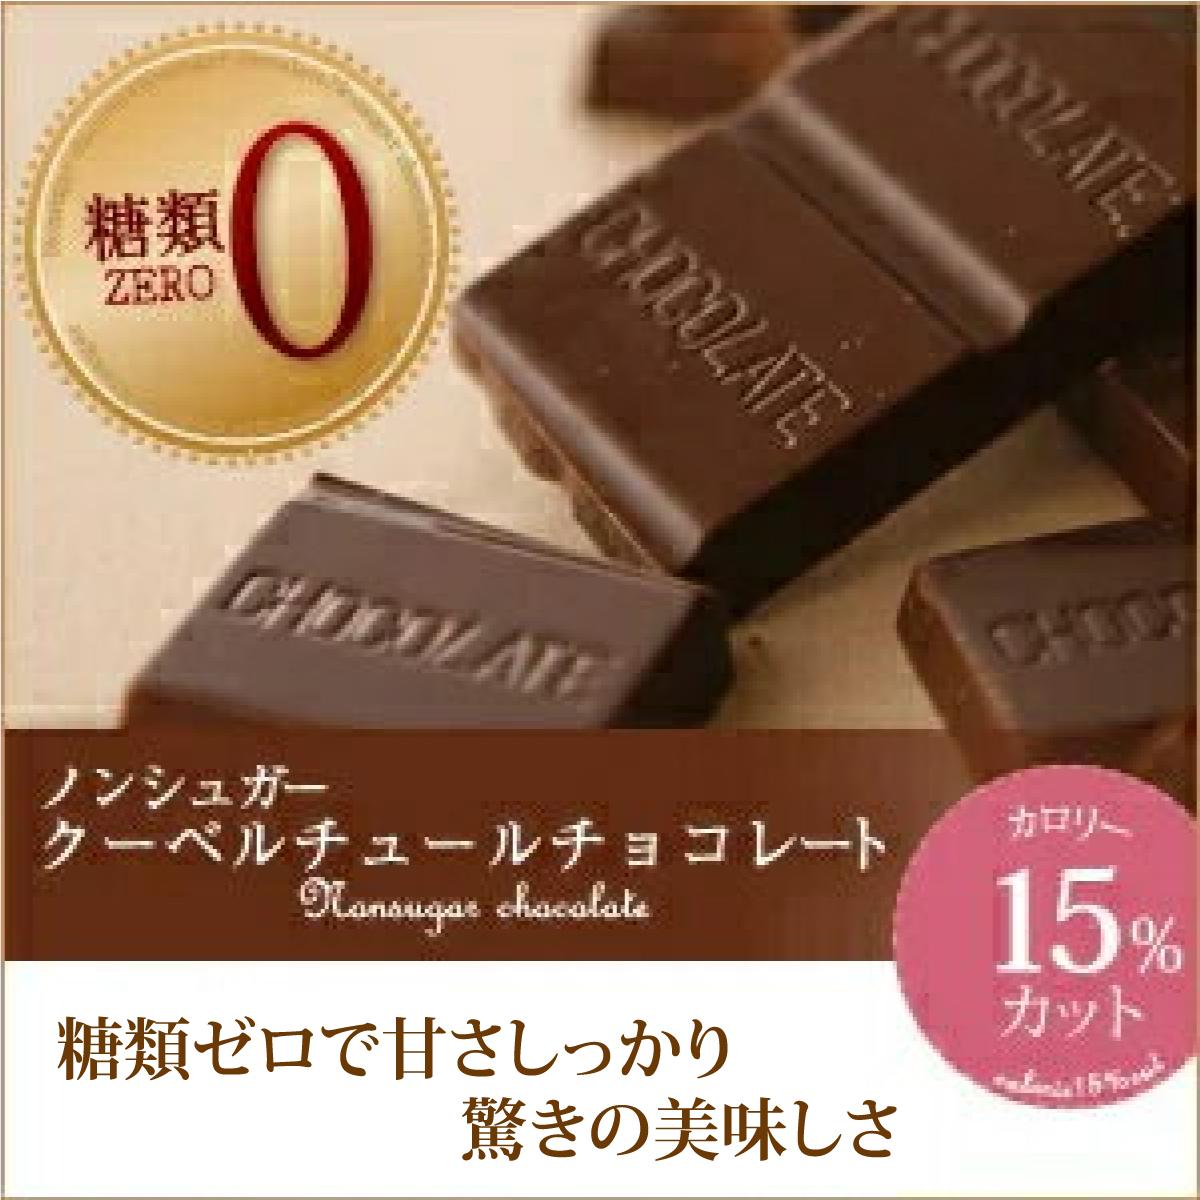 チョコ屋 MINI板 ノンシュガー クーベルチュールチョコレート 50枚入り(500g)